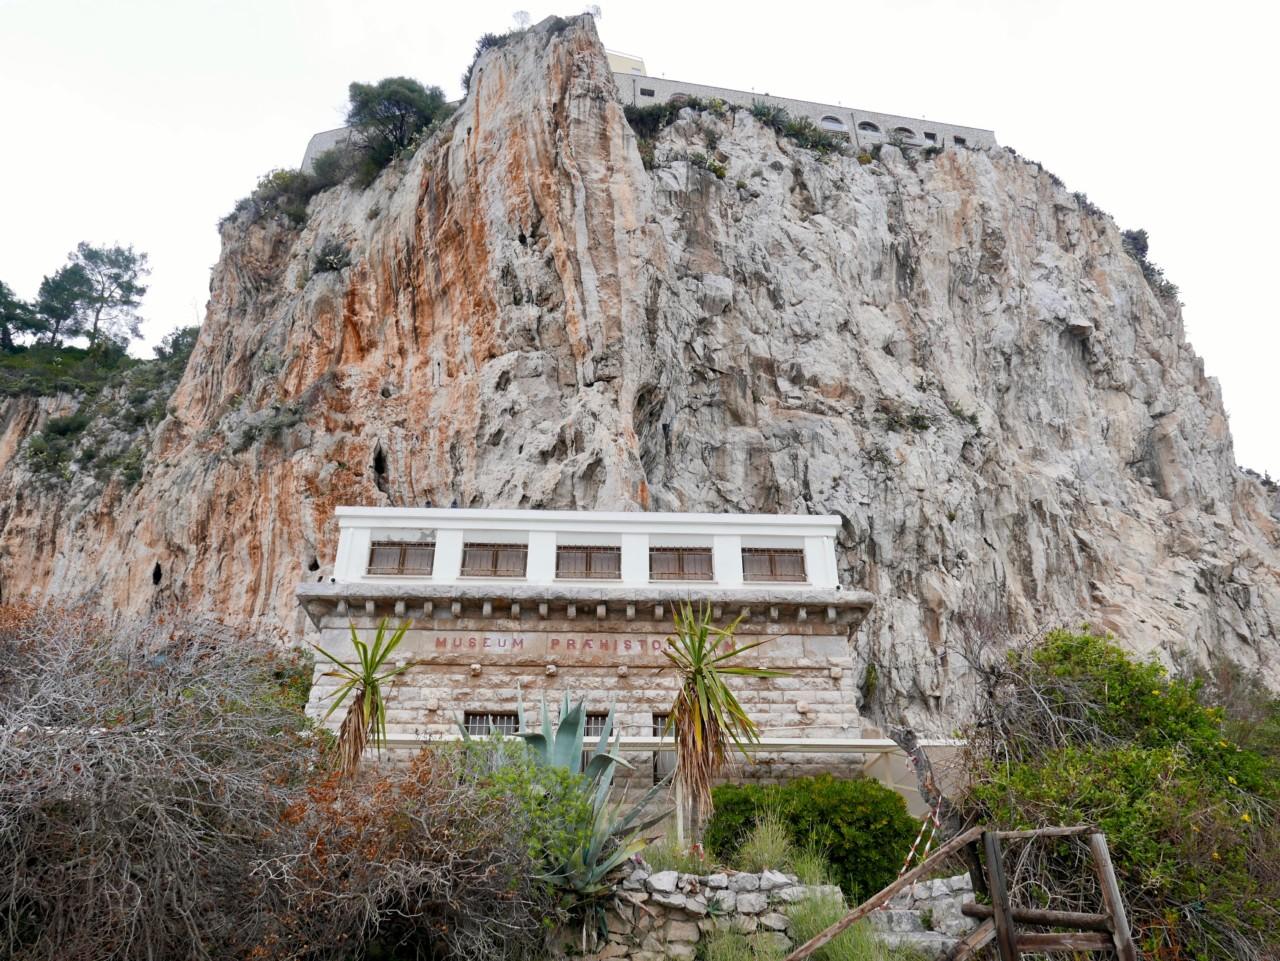 balsi-rossi-italia-museum-prehistoricum-menton-green-house